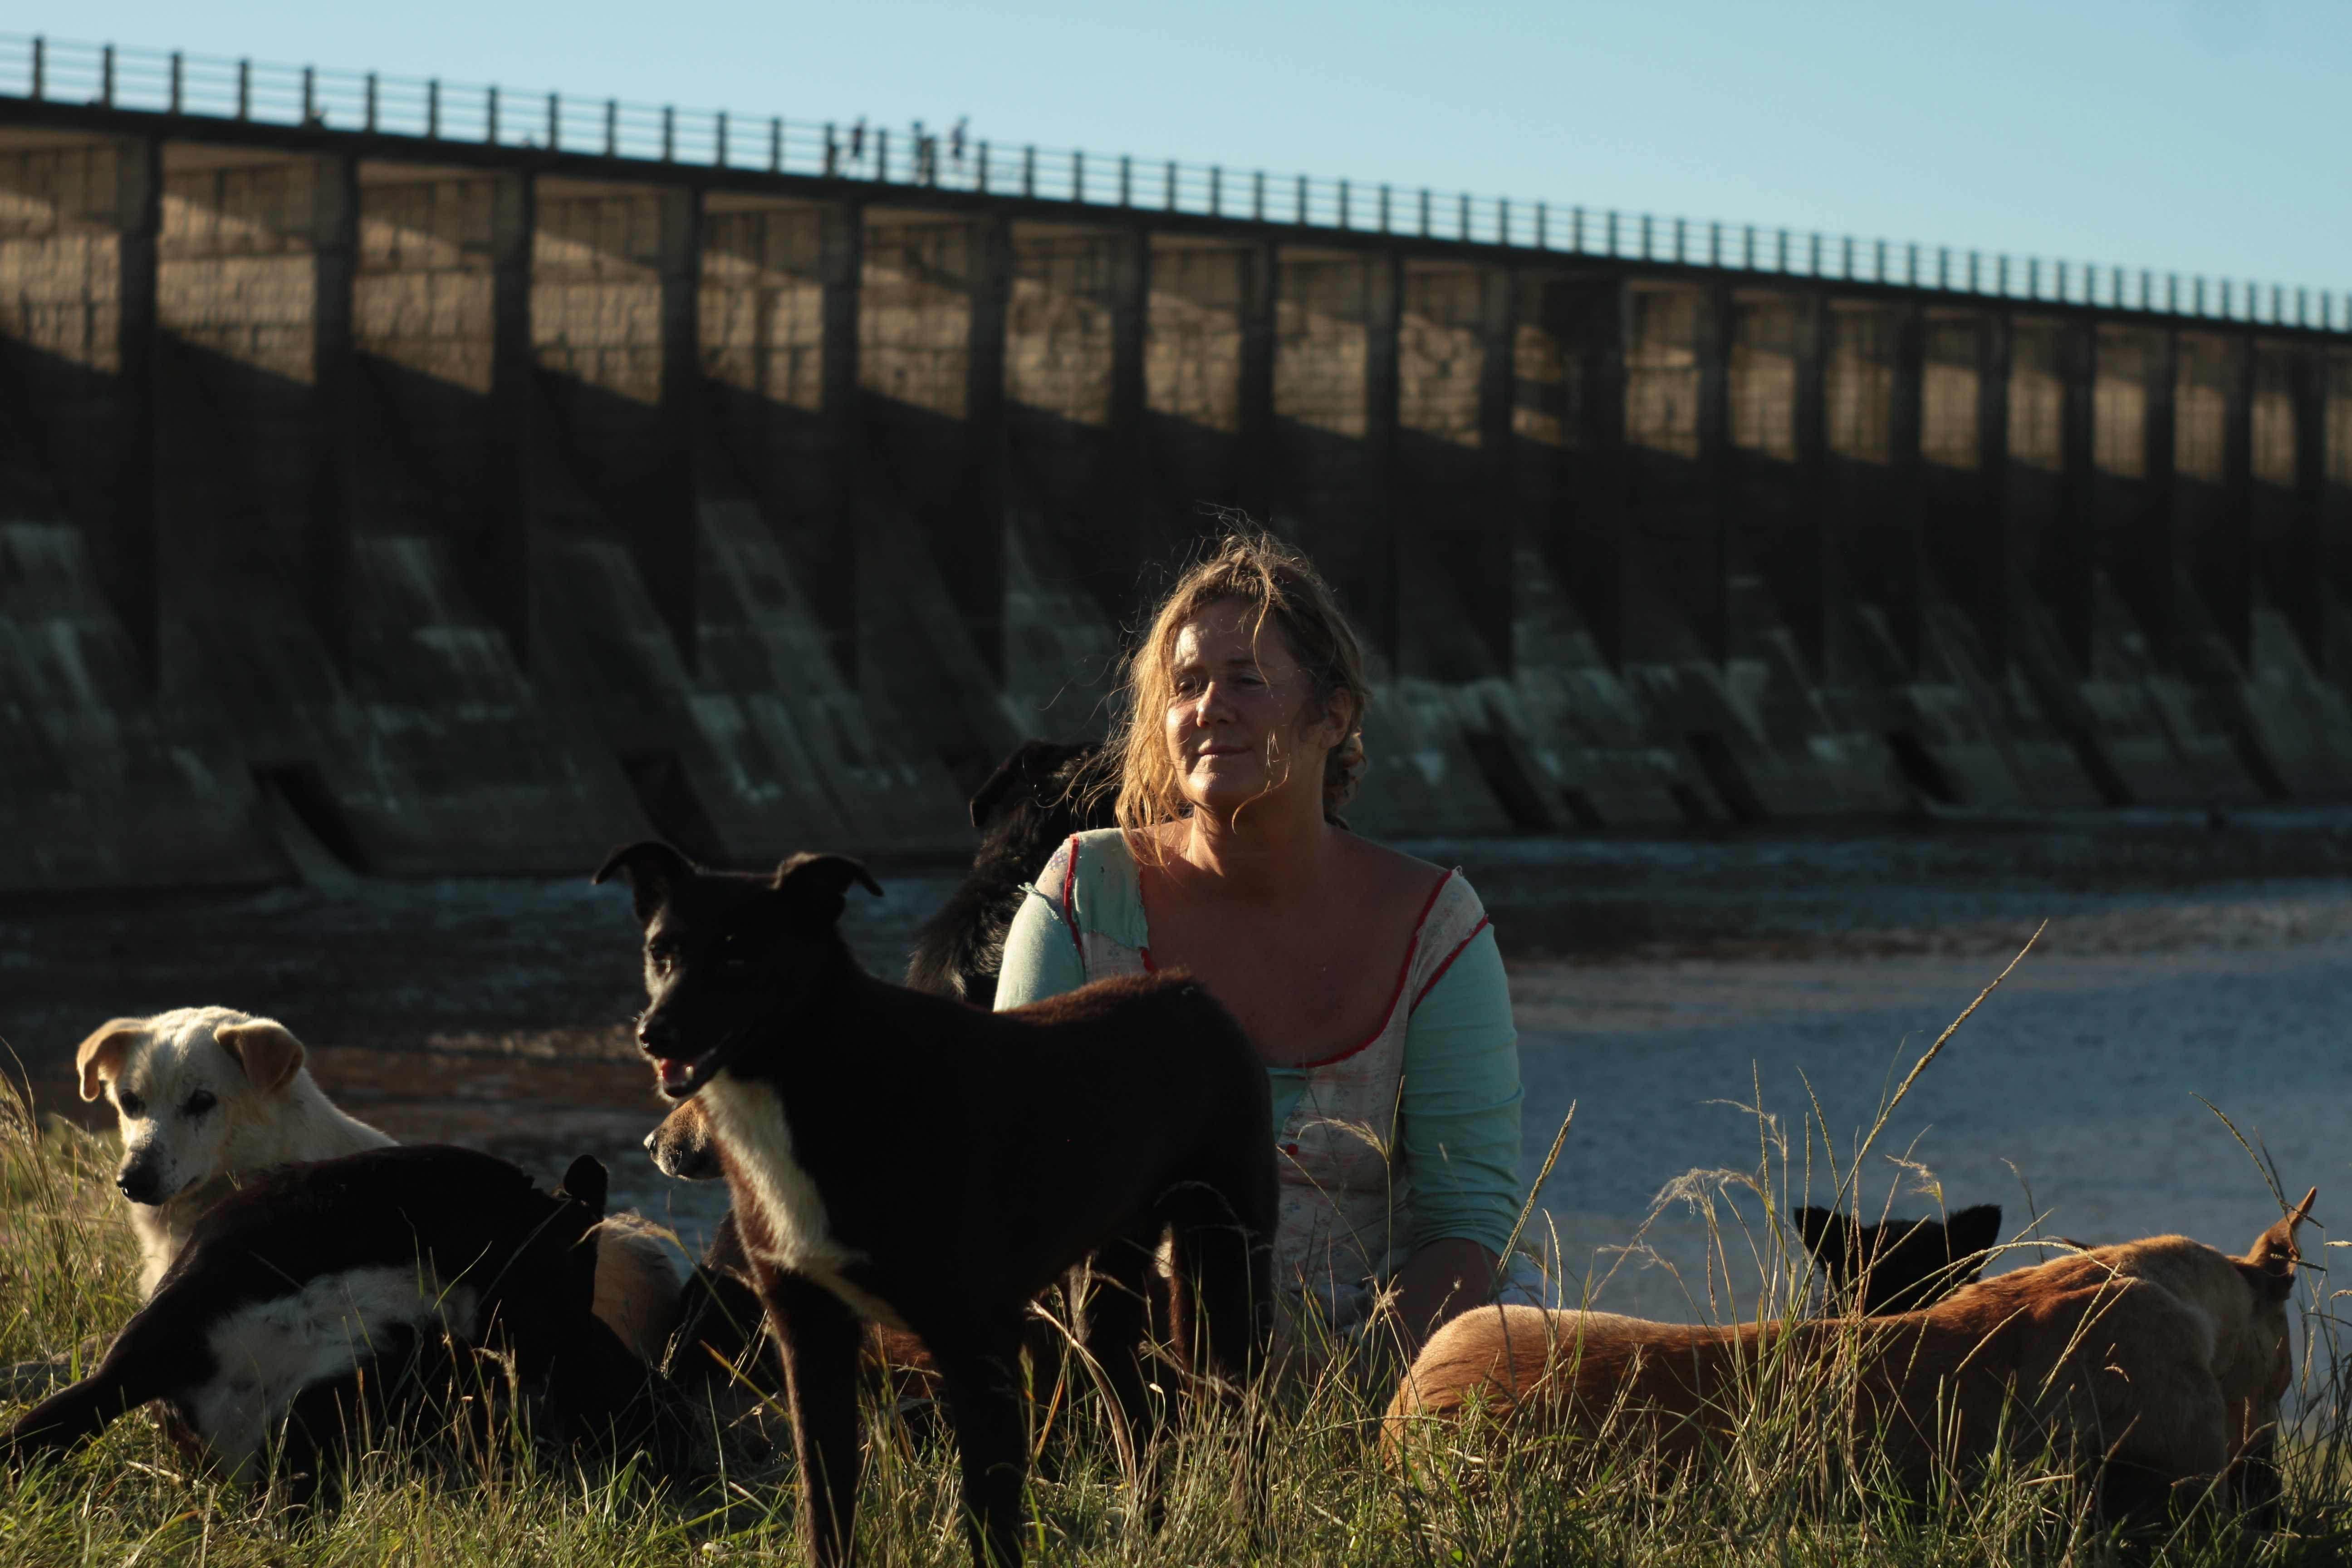 La reina de los canes. Verónica Llinás es la dama acompañada por una jauría